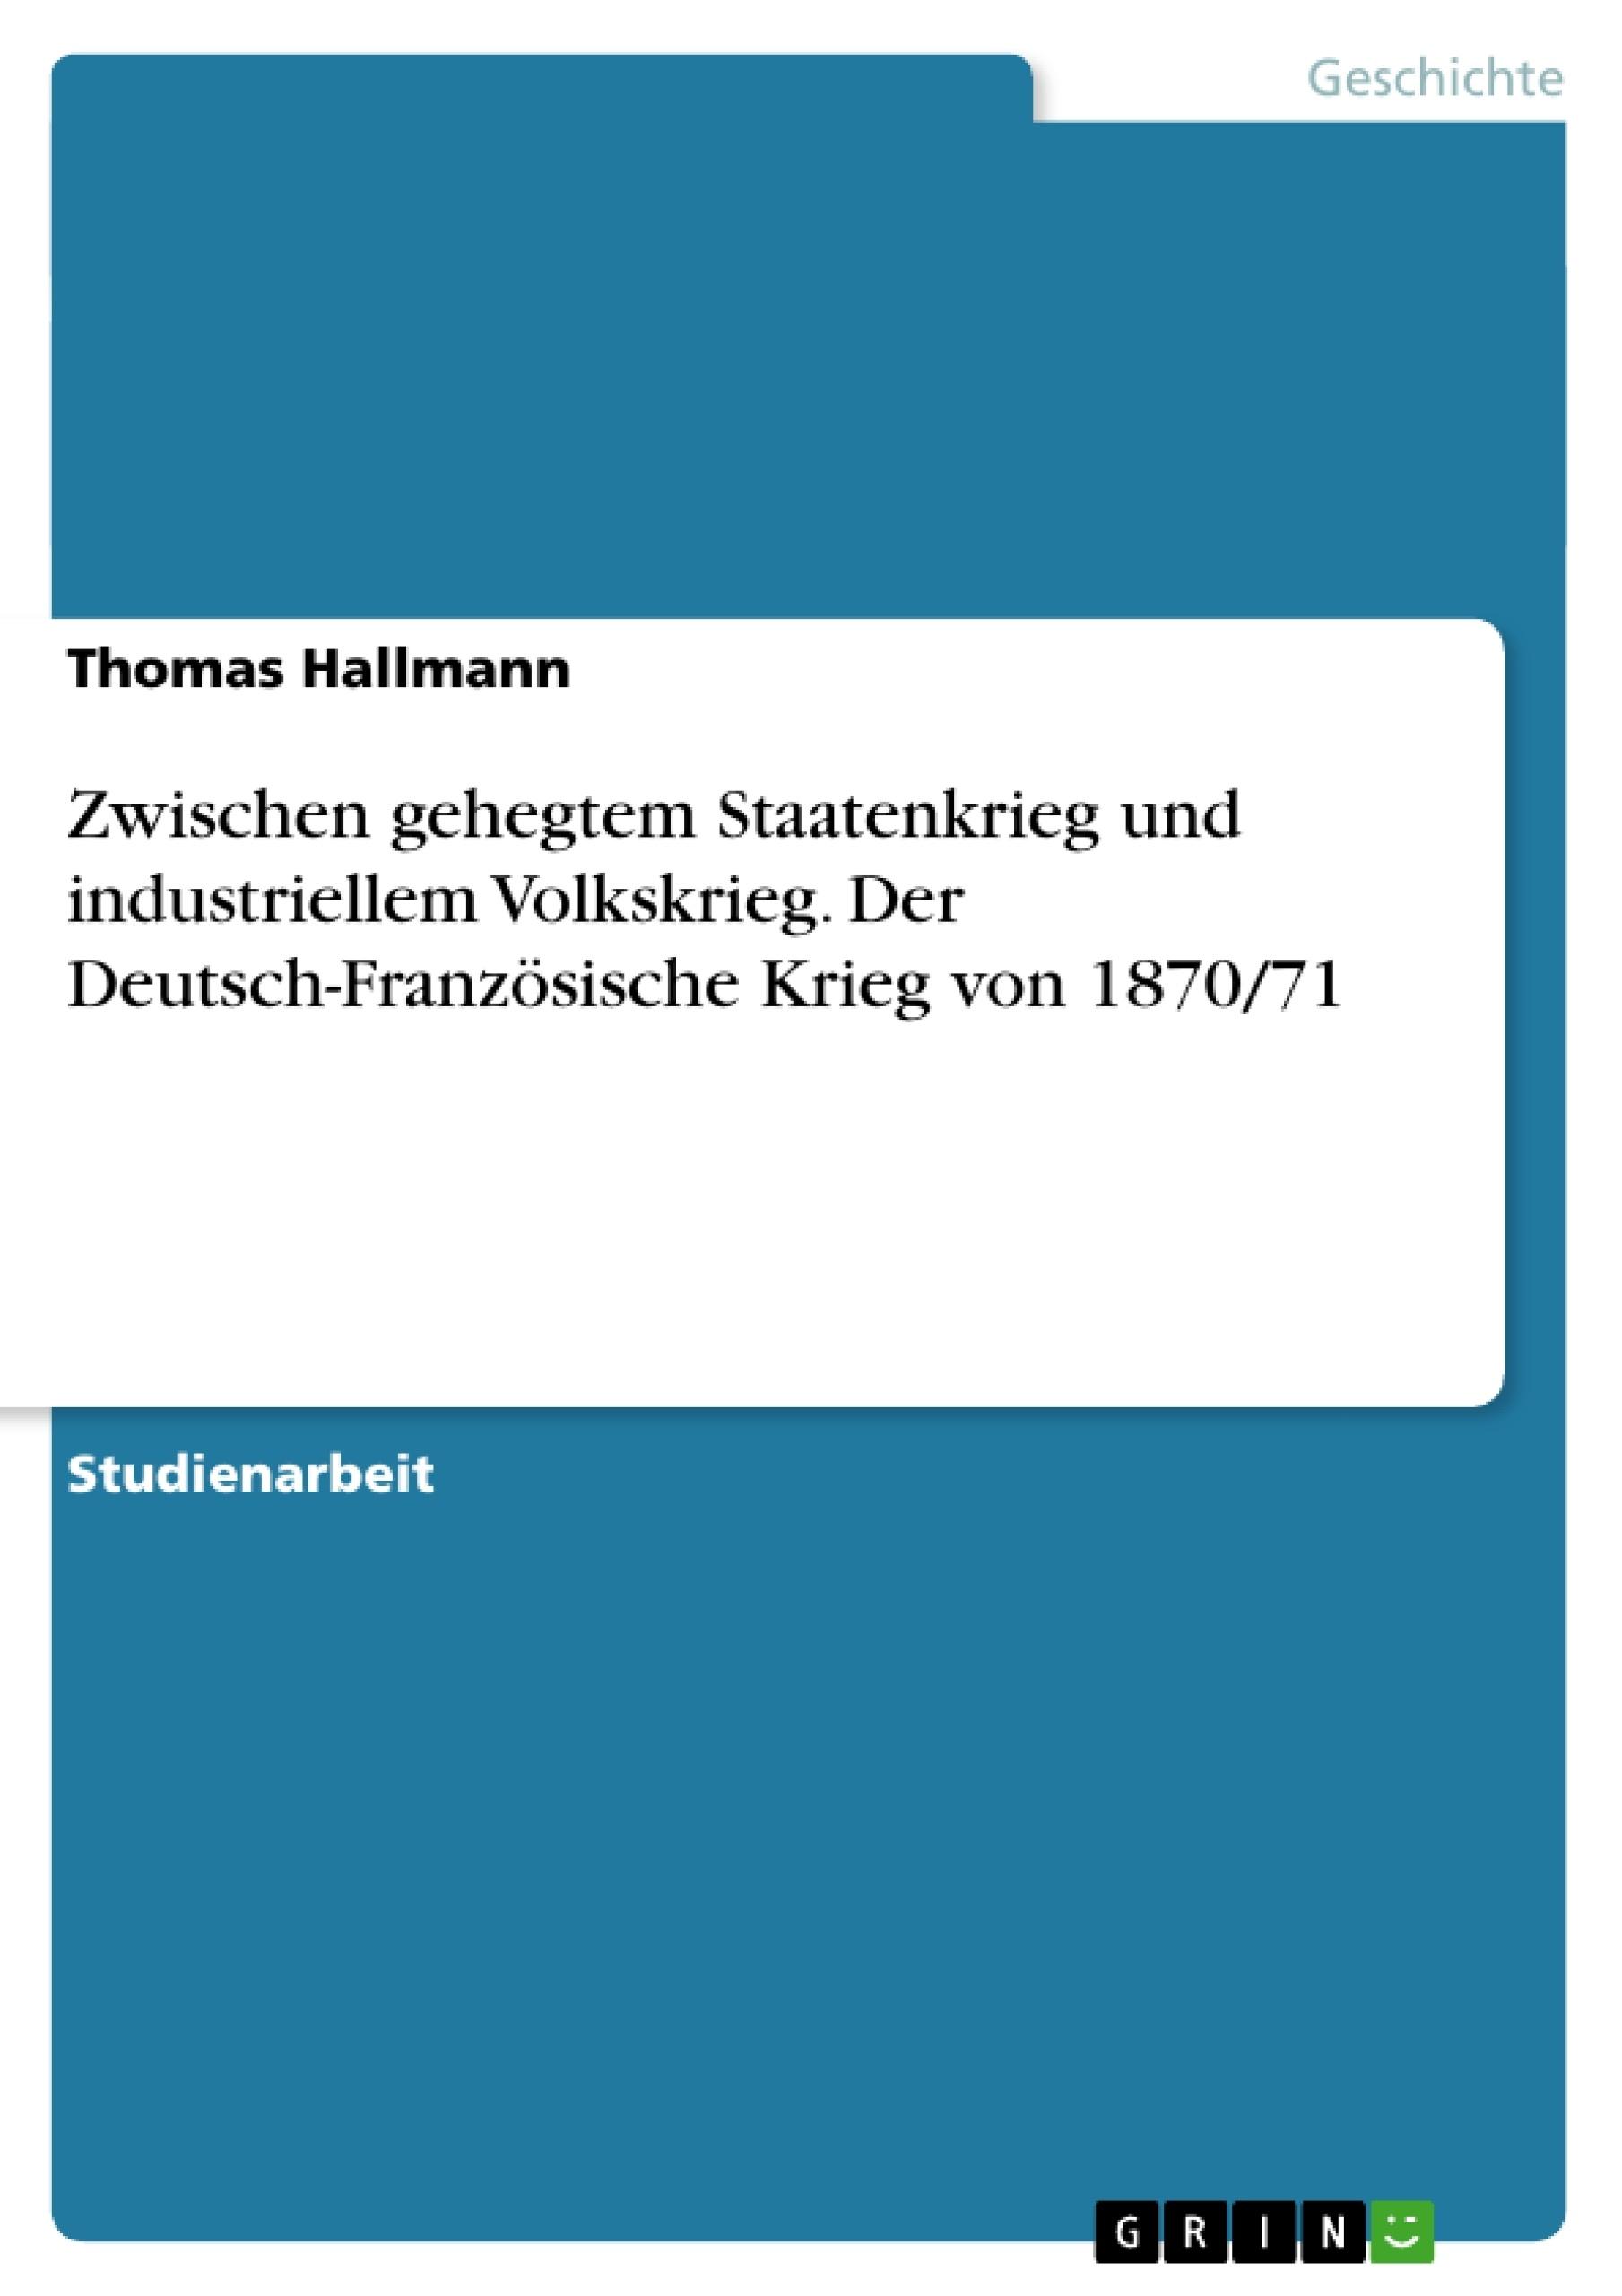 Titel: Zwischen gehegtem Staatenkrieg und industriellem Volkskrieg. Der Deutsch-Französische Krieg von 1870/71